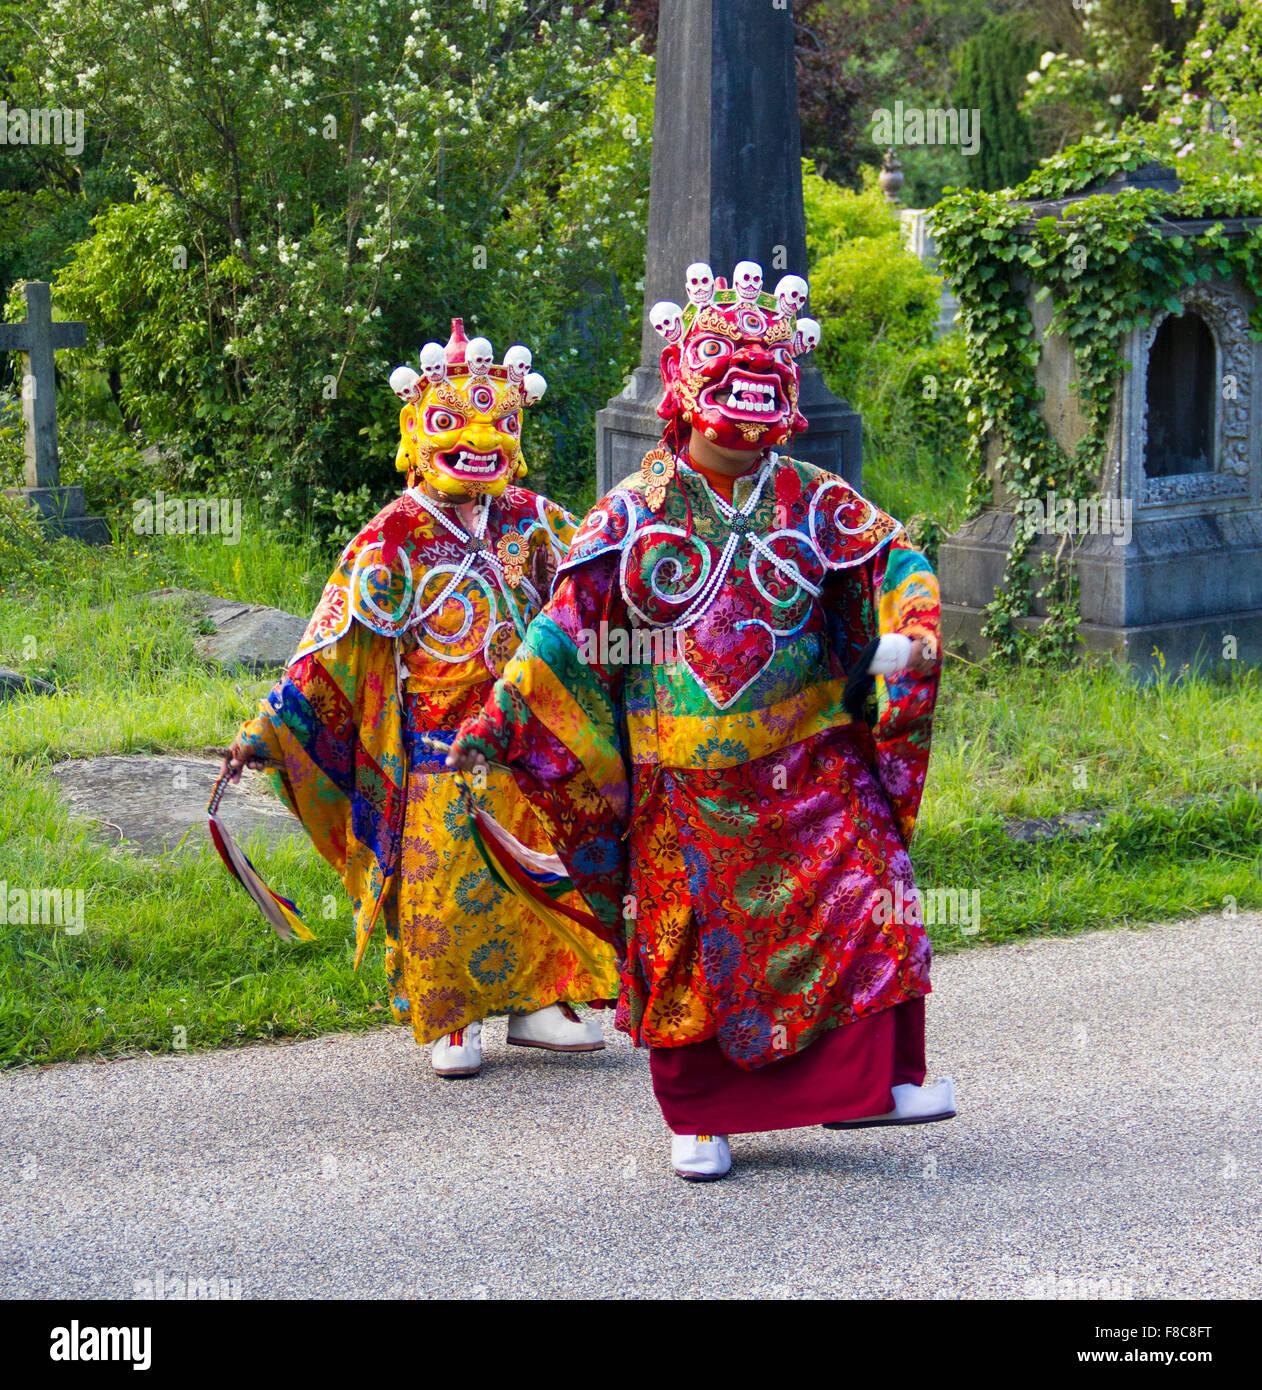 Tashi Lhunpo monaci partecipano in un canto e cham performance nel Regno Unito. Questo è Bakshi o Signori di Immagini Stock